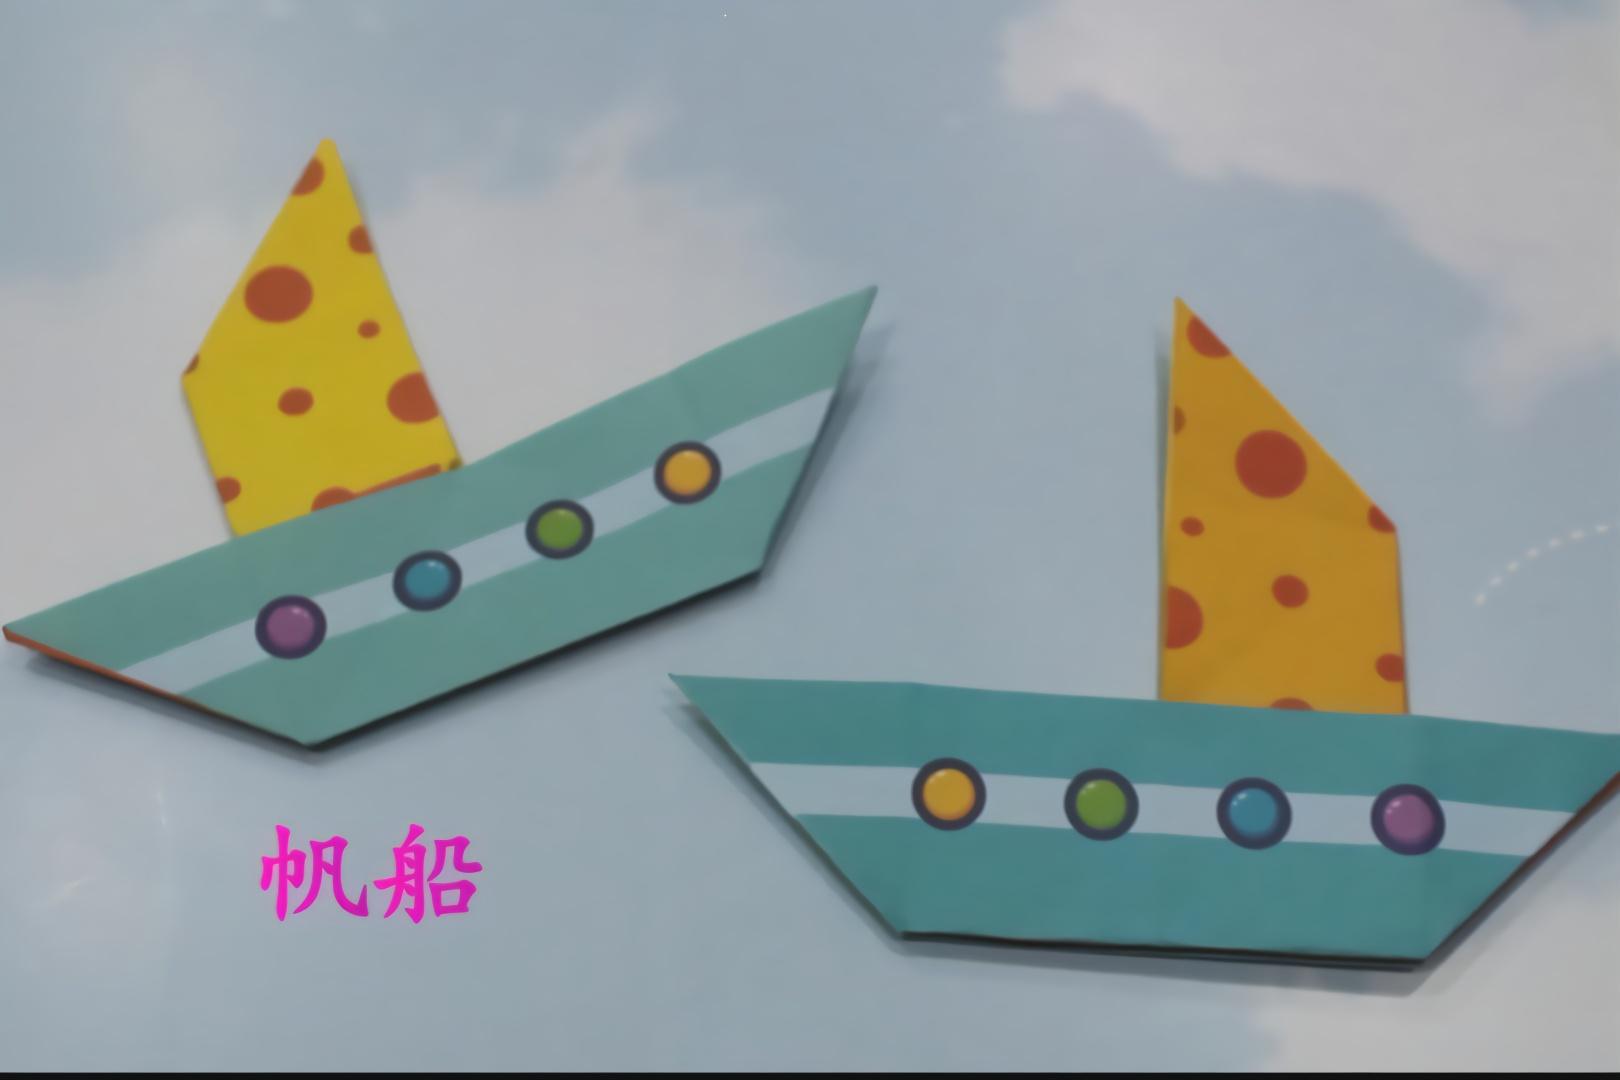 儿童手工制作手工折纸趣味折纸小帆船 简单易学的折纸视频教程